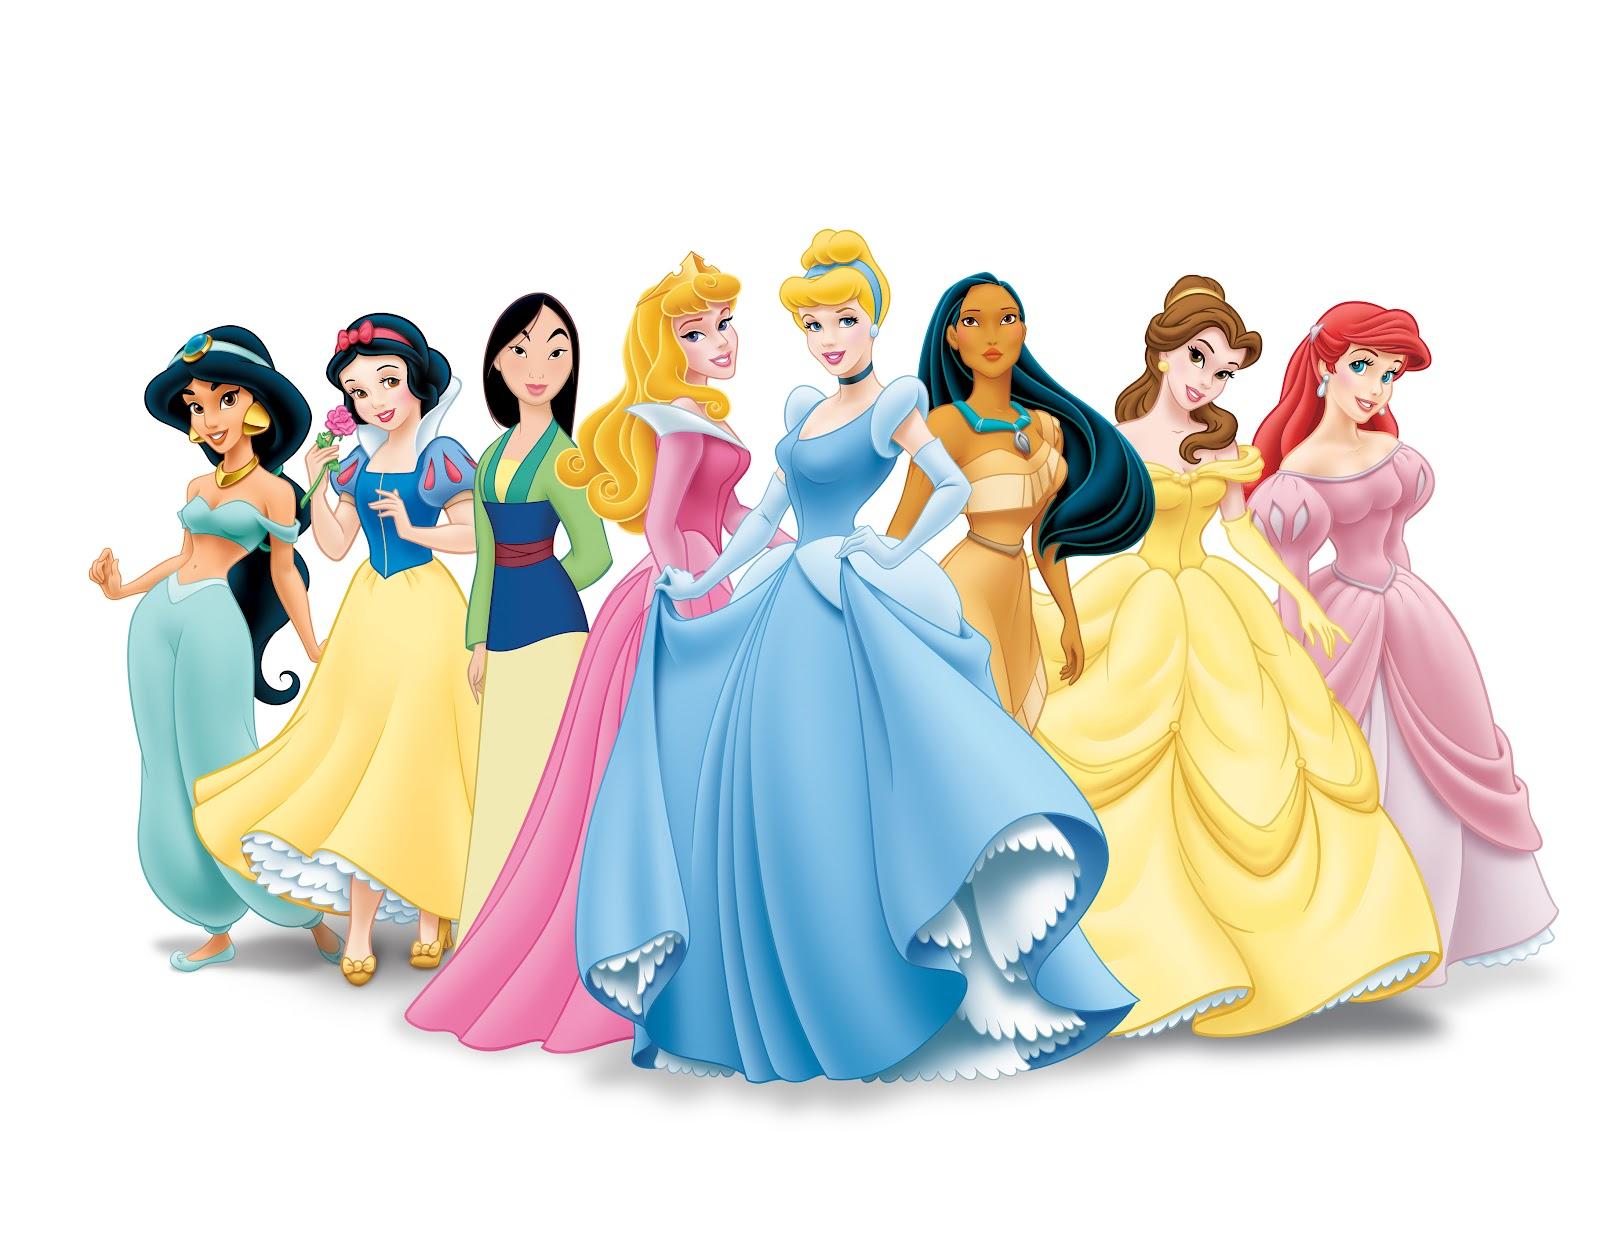 http://4.bp.blogspot.com/-muWGTN2D4Fs/T-ebFkQhZ2I/AAAAAAAAAVI/aPrP2MHuK2g/s1600/disney-princess-group11.jpg